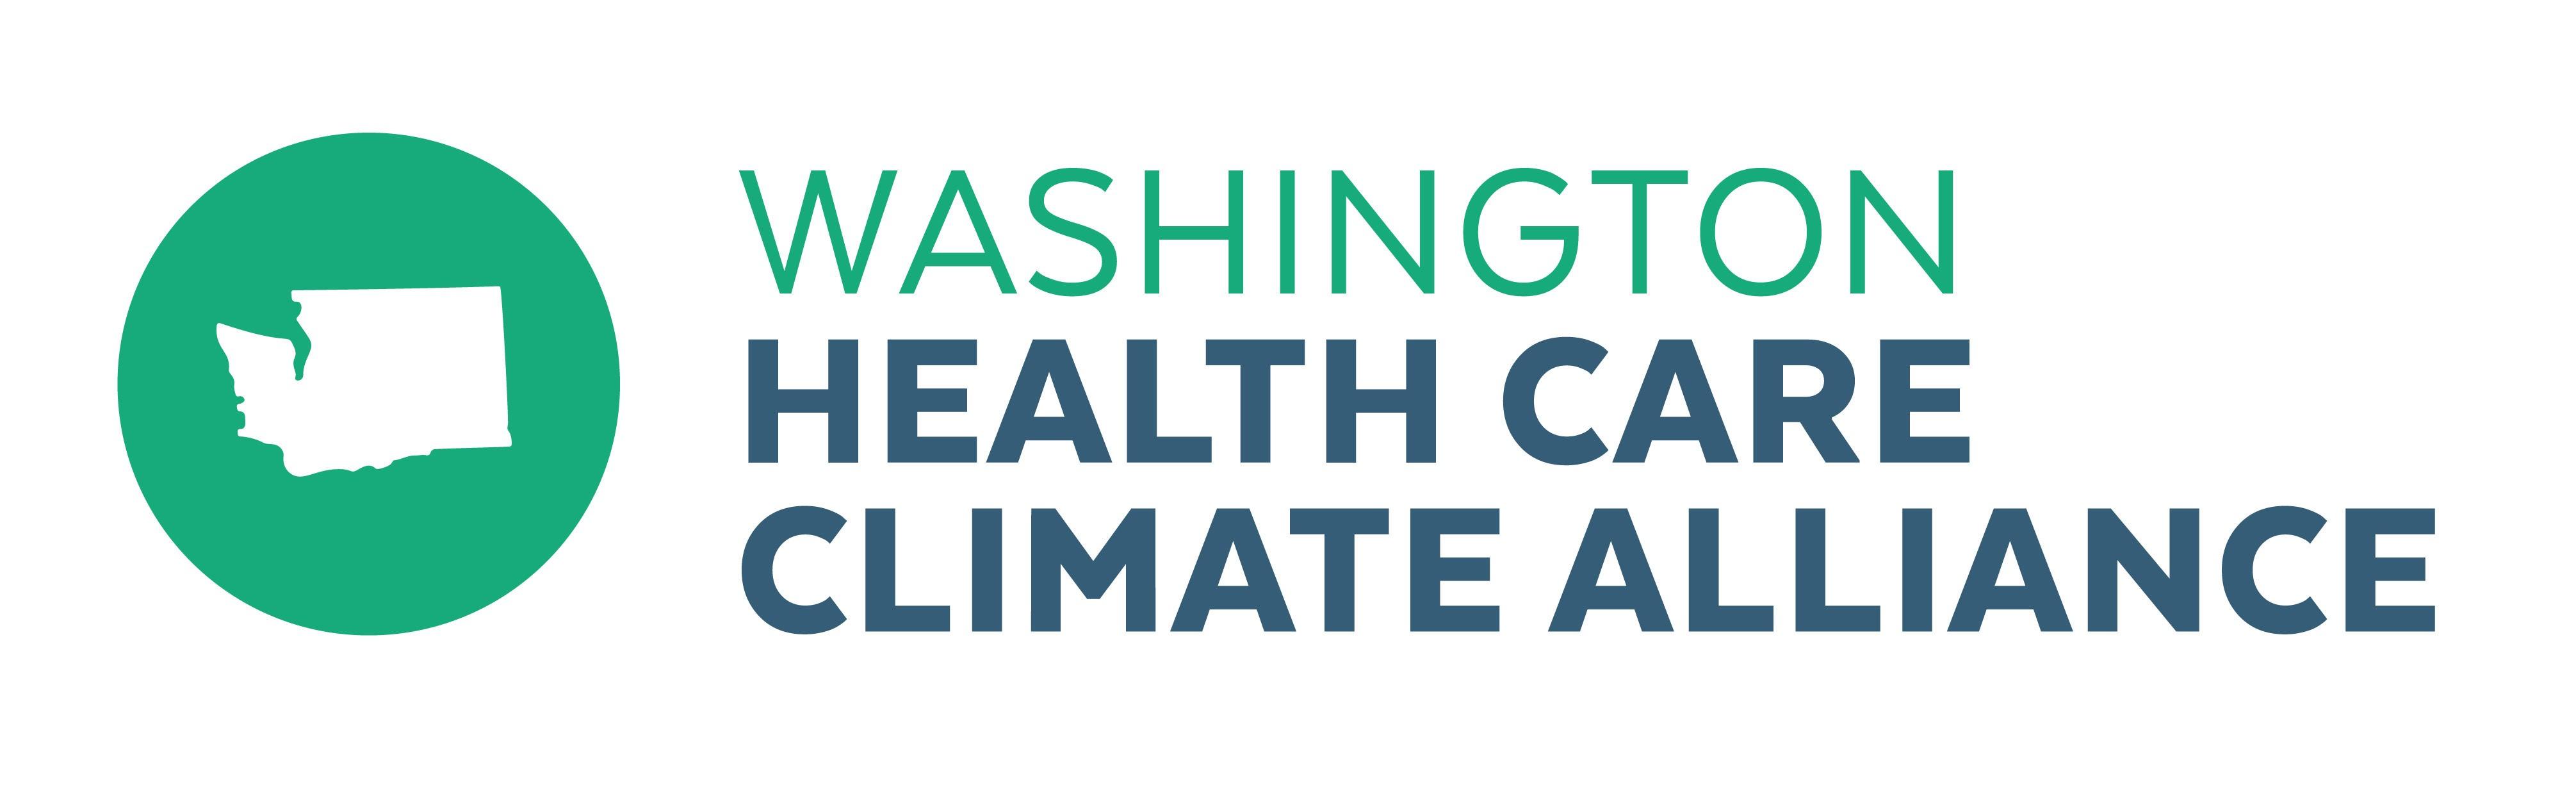 Washington Health Care Climate Alliance